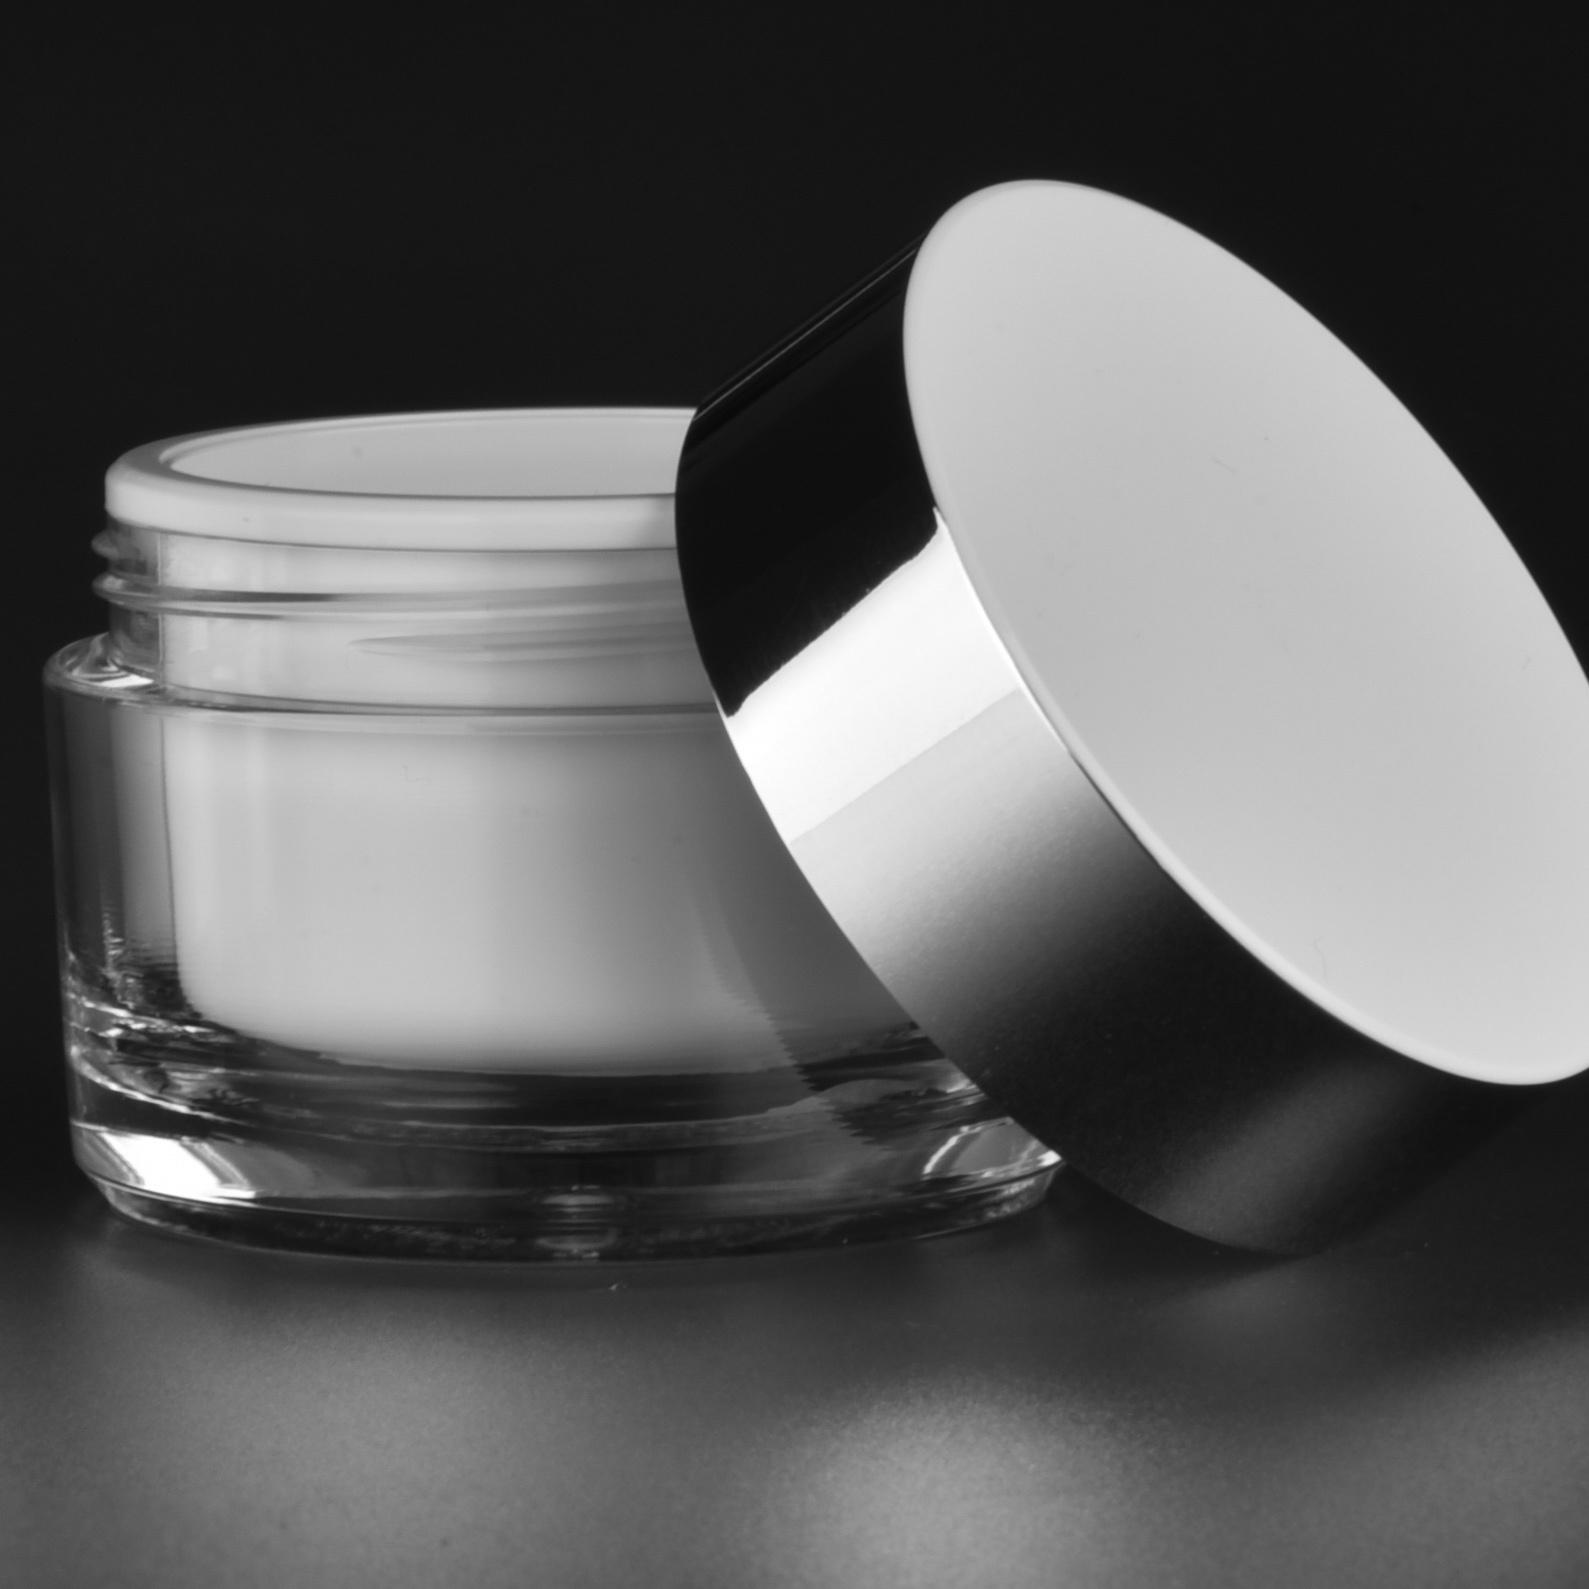 Luxe cosmetica potten bestellen - The Jarfactory